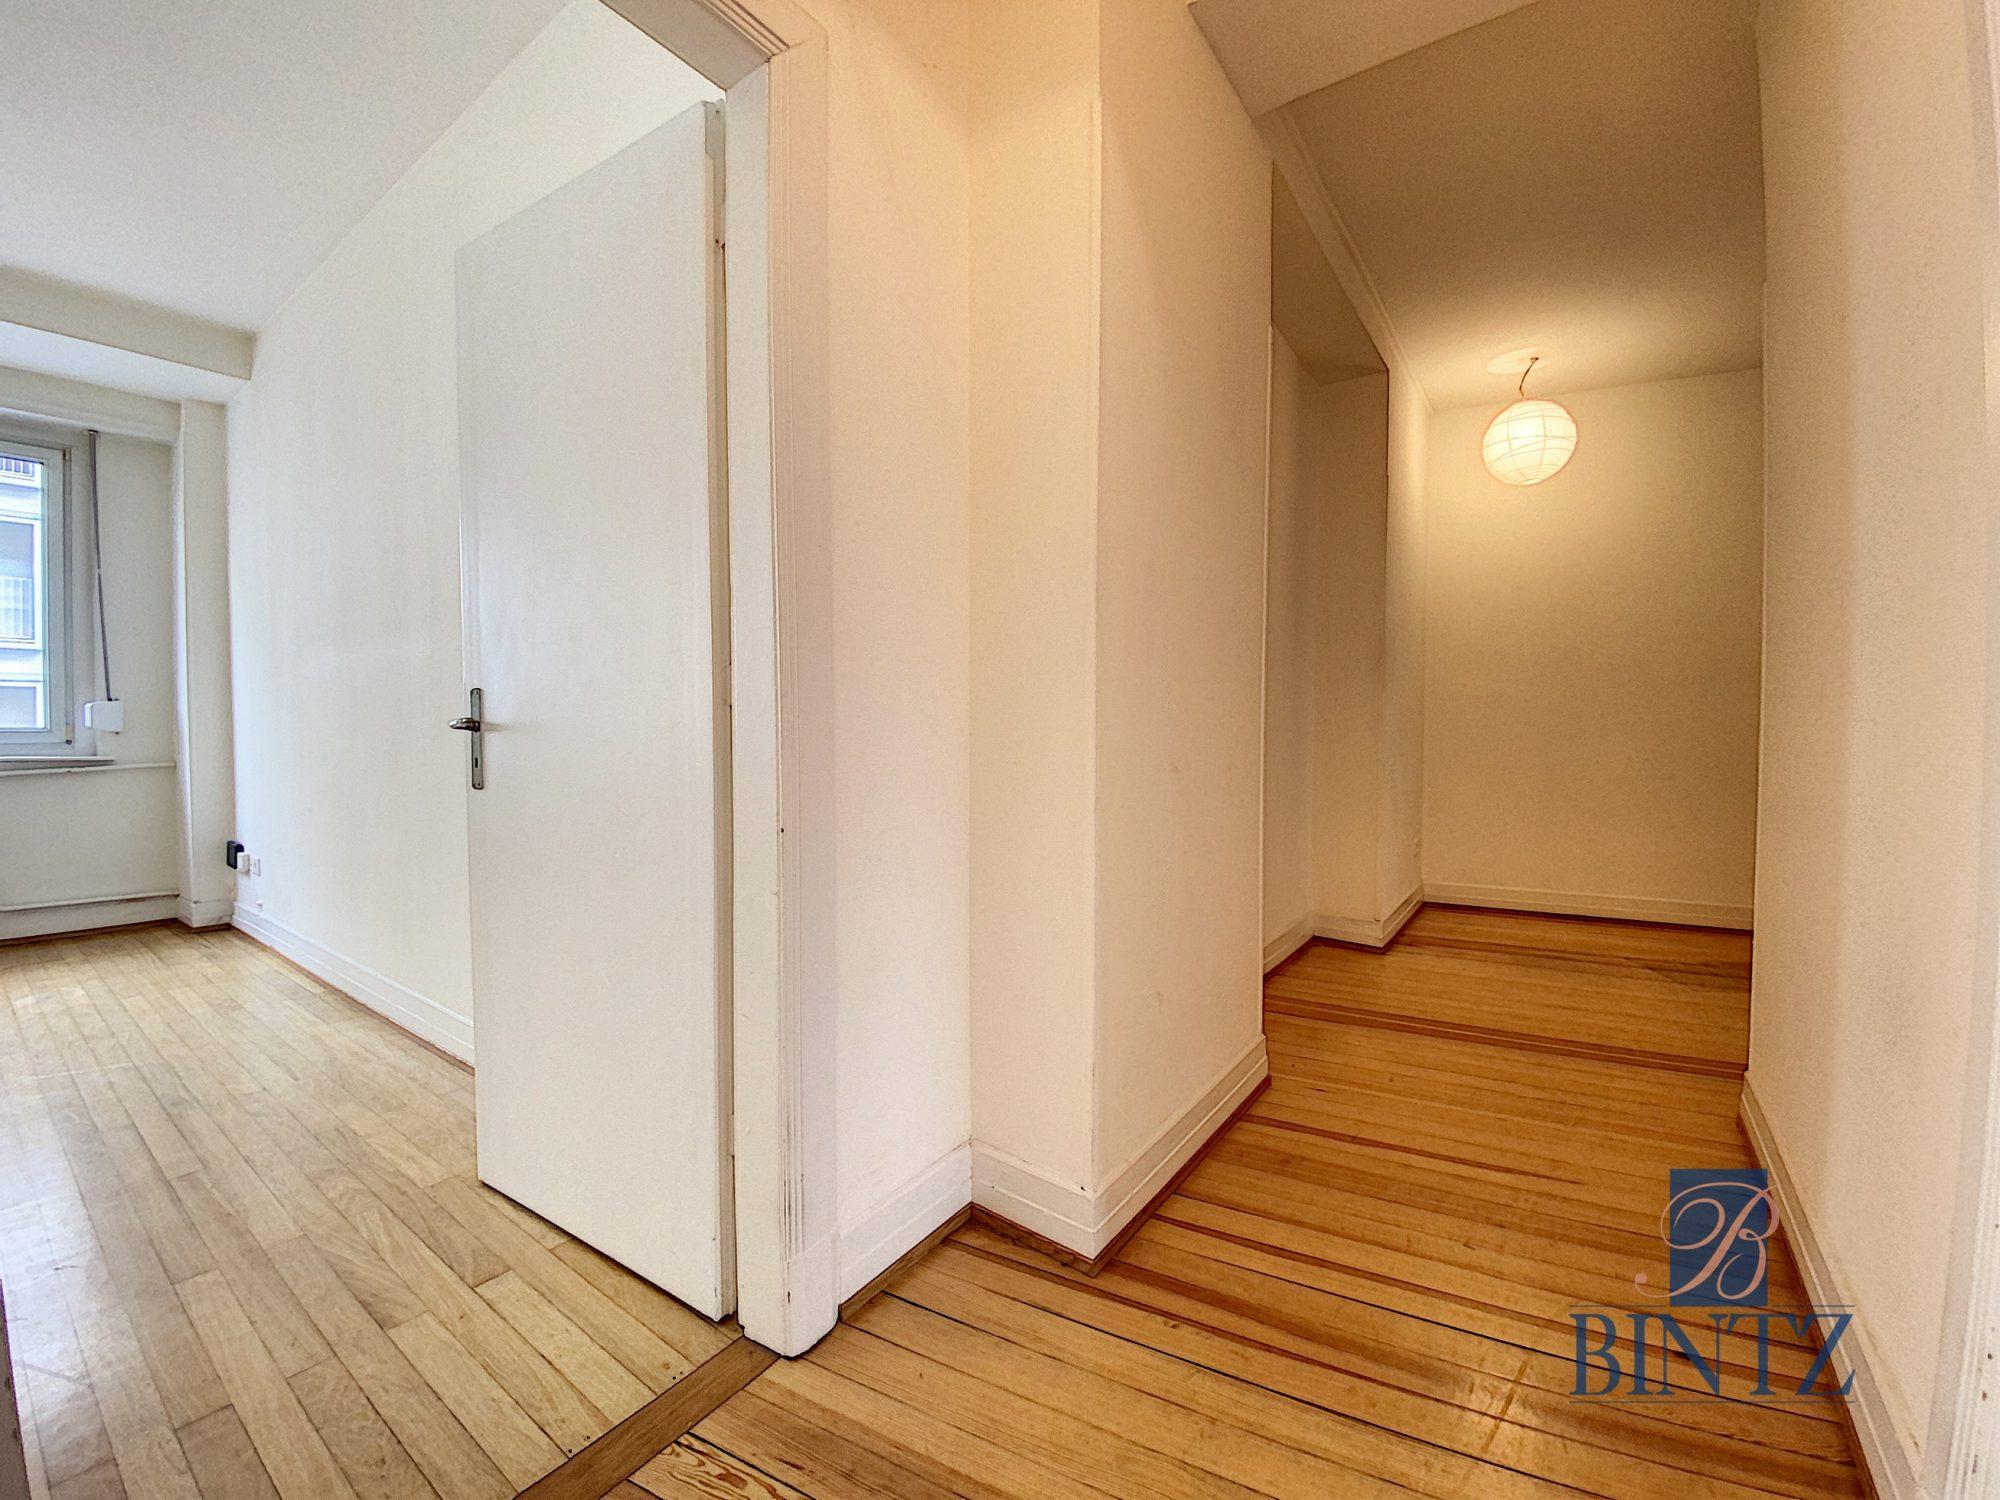 GRAND 2 PIÈCES KRUTENAU - Devenez locataire en toute sérénité - Bintz Immobilier - 8